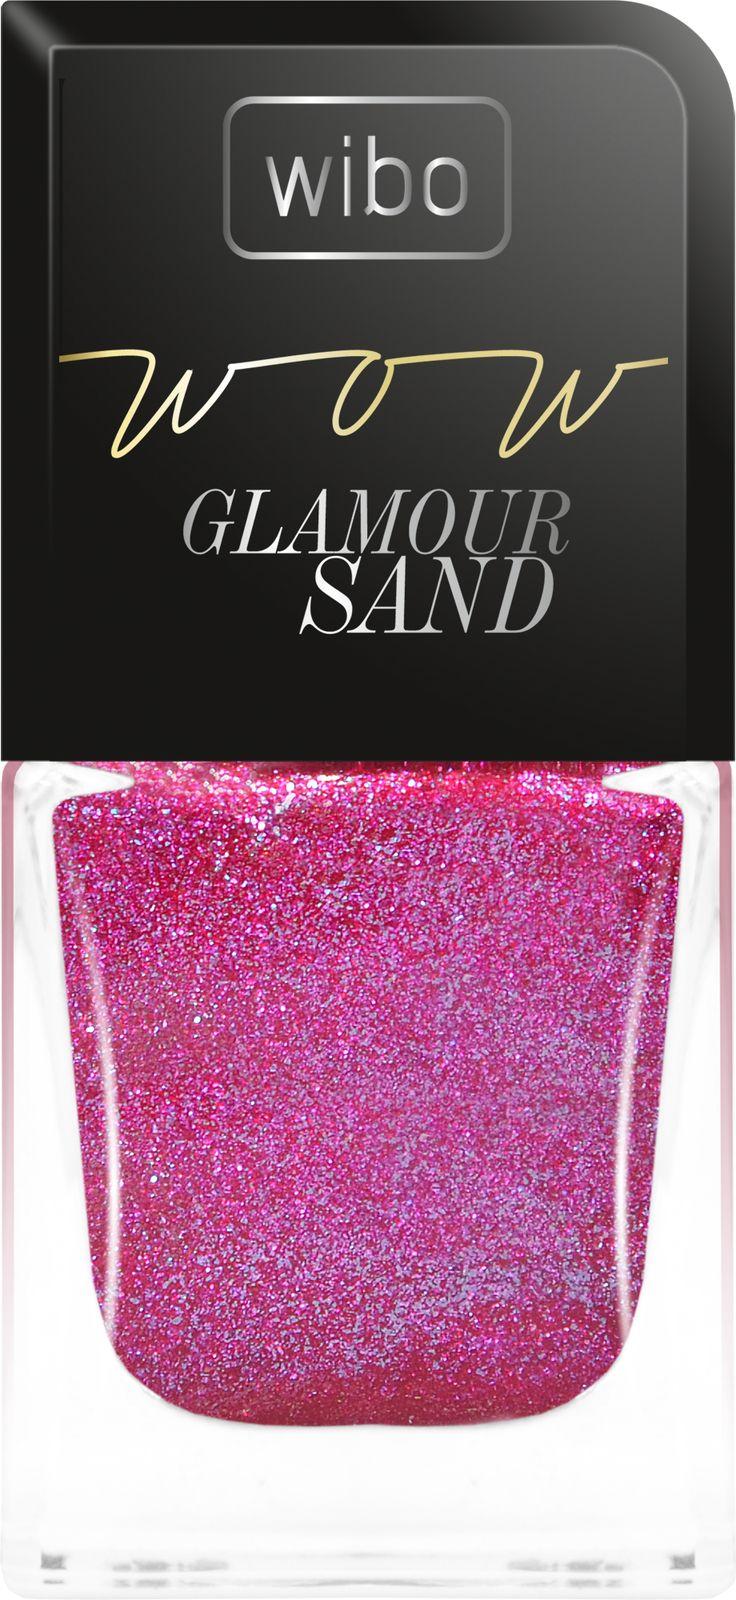 lakier do paznokci WOW Glamour Sand  nowość październik 2014r.!  #wibo #wibopl #wibokosmetyki #nails #glamoursand